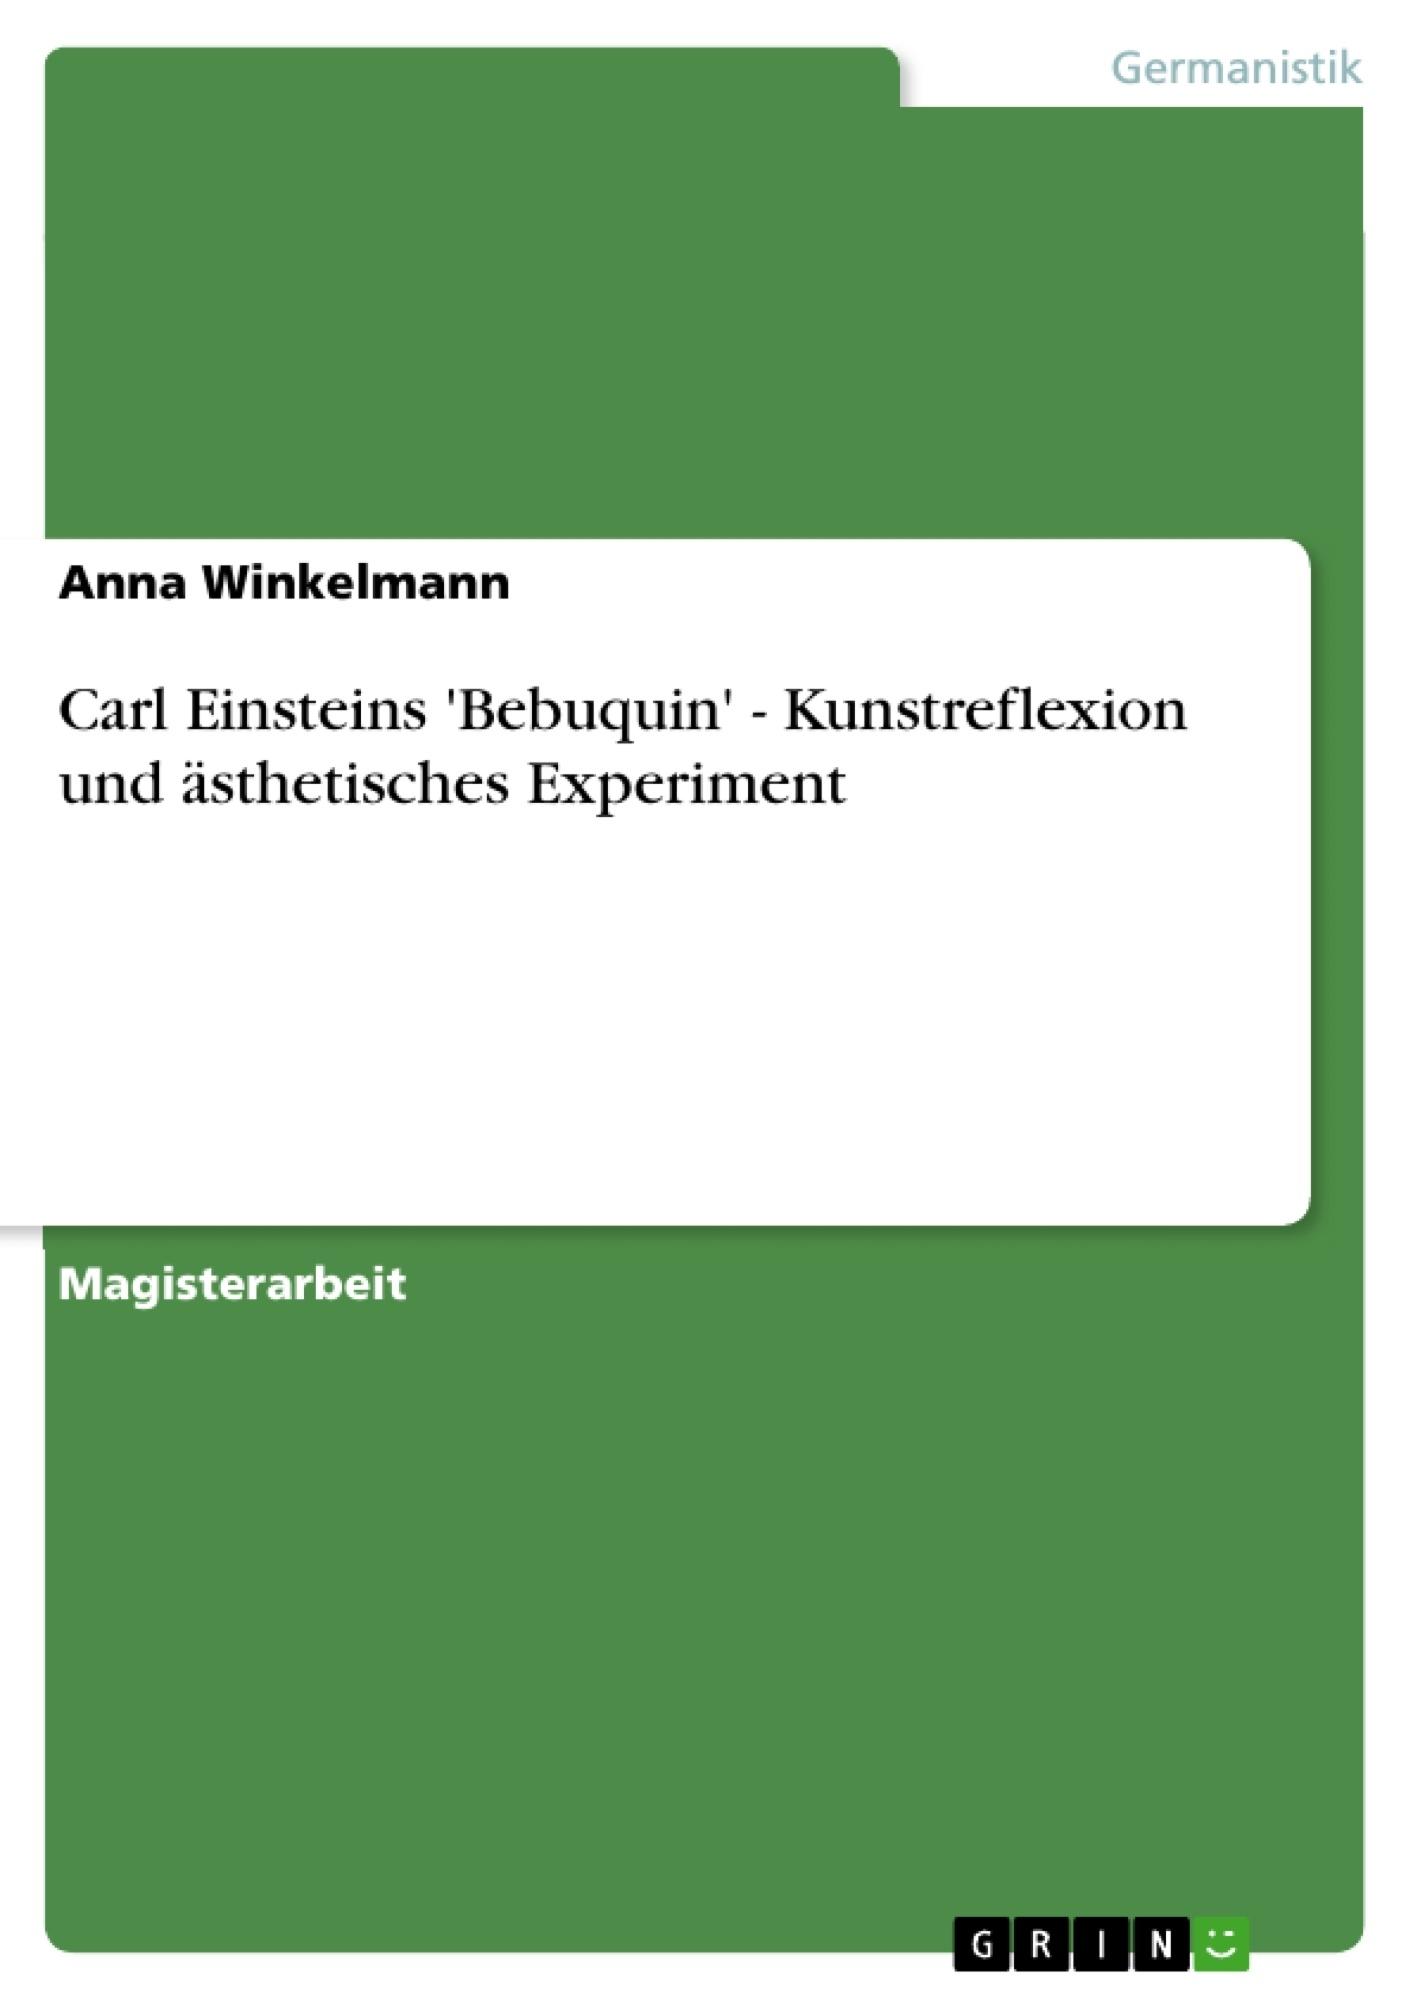 Titel: Carl Einsteins 'Bebuquin' - Kunstreflexion und ästhetisches Experiment